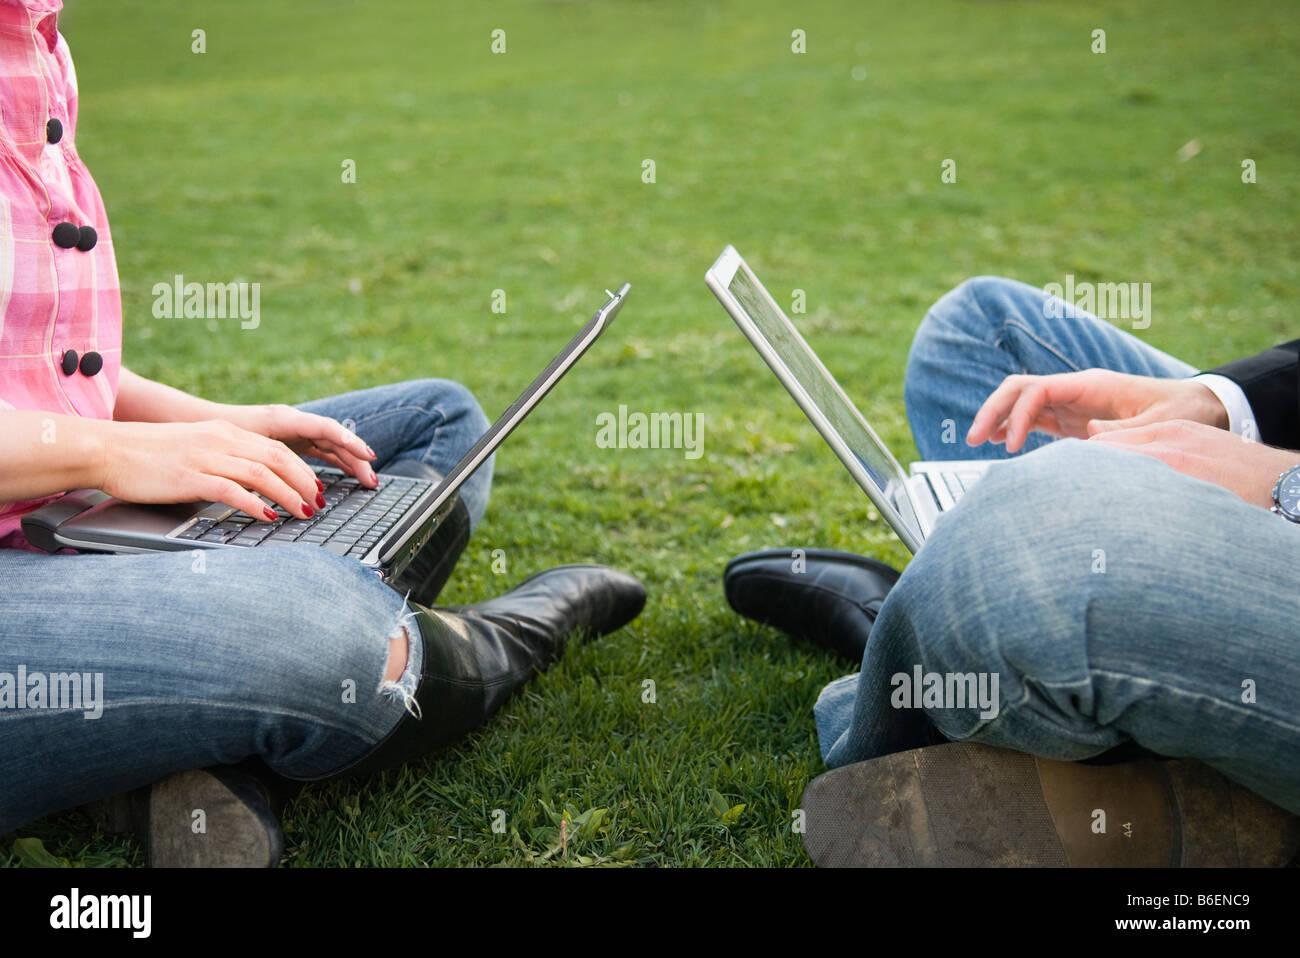 Mann und ein Mädchen einander gegenüber mit Computern Stockbild